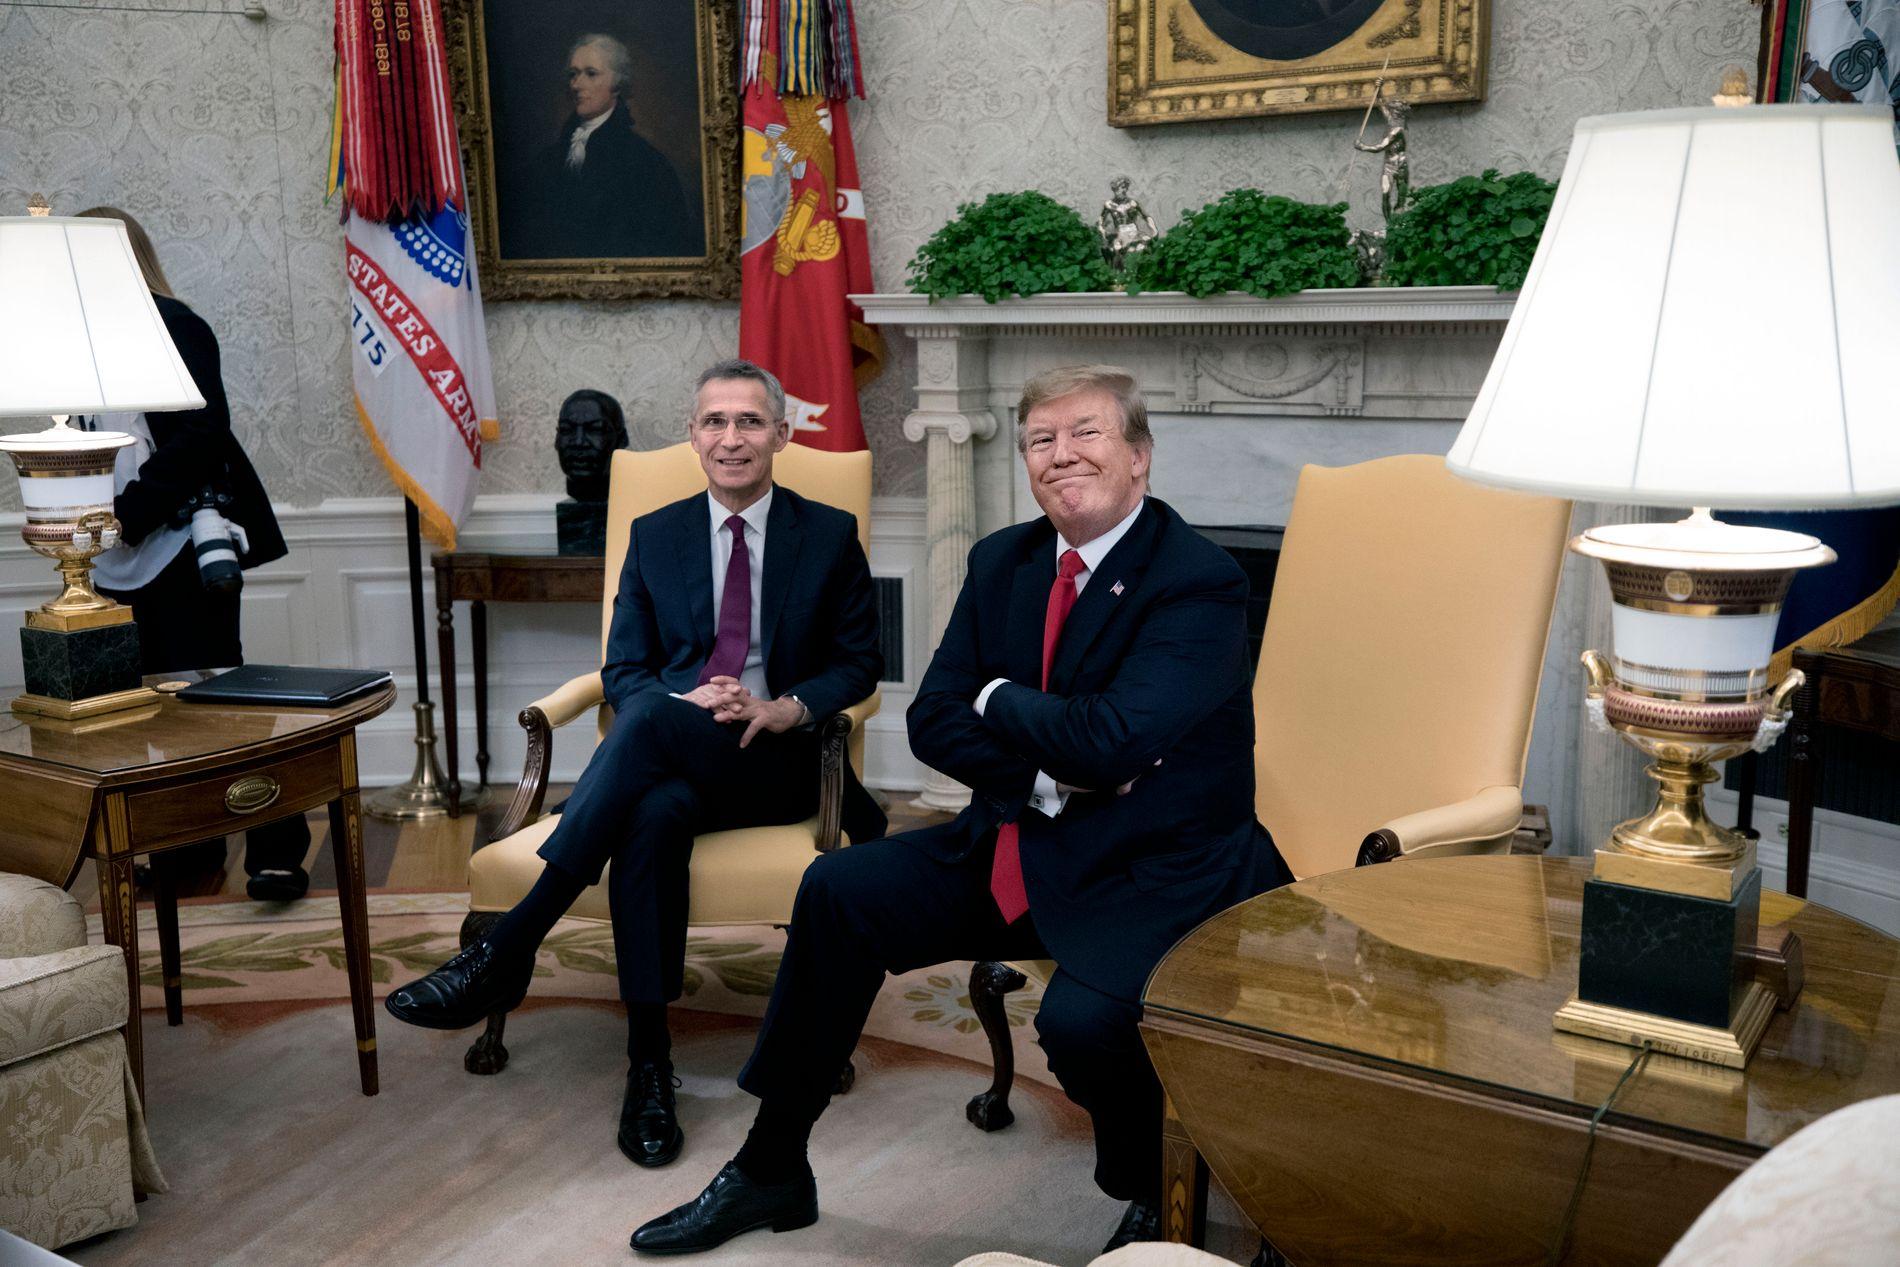 MØTTES: NATO-sjef Jens Stoltenberg og Donald Trump møttes onsdag. Torsdag blir Stoltenberg den 116. personen som får æren av å tale til en samlet kongress.